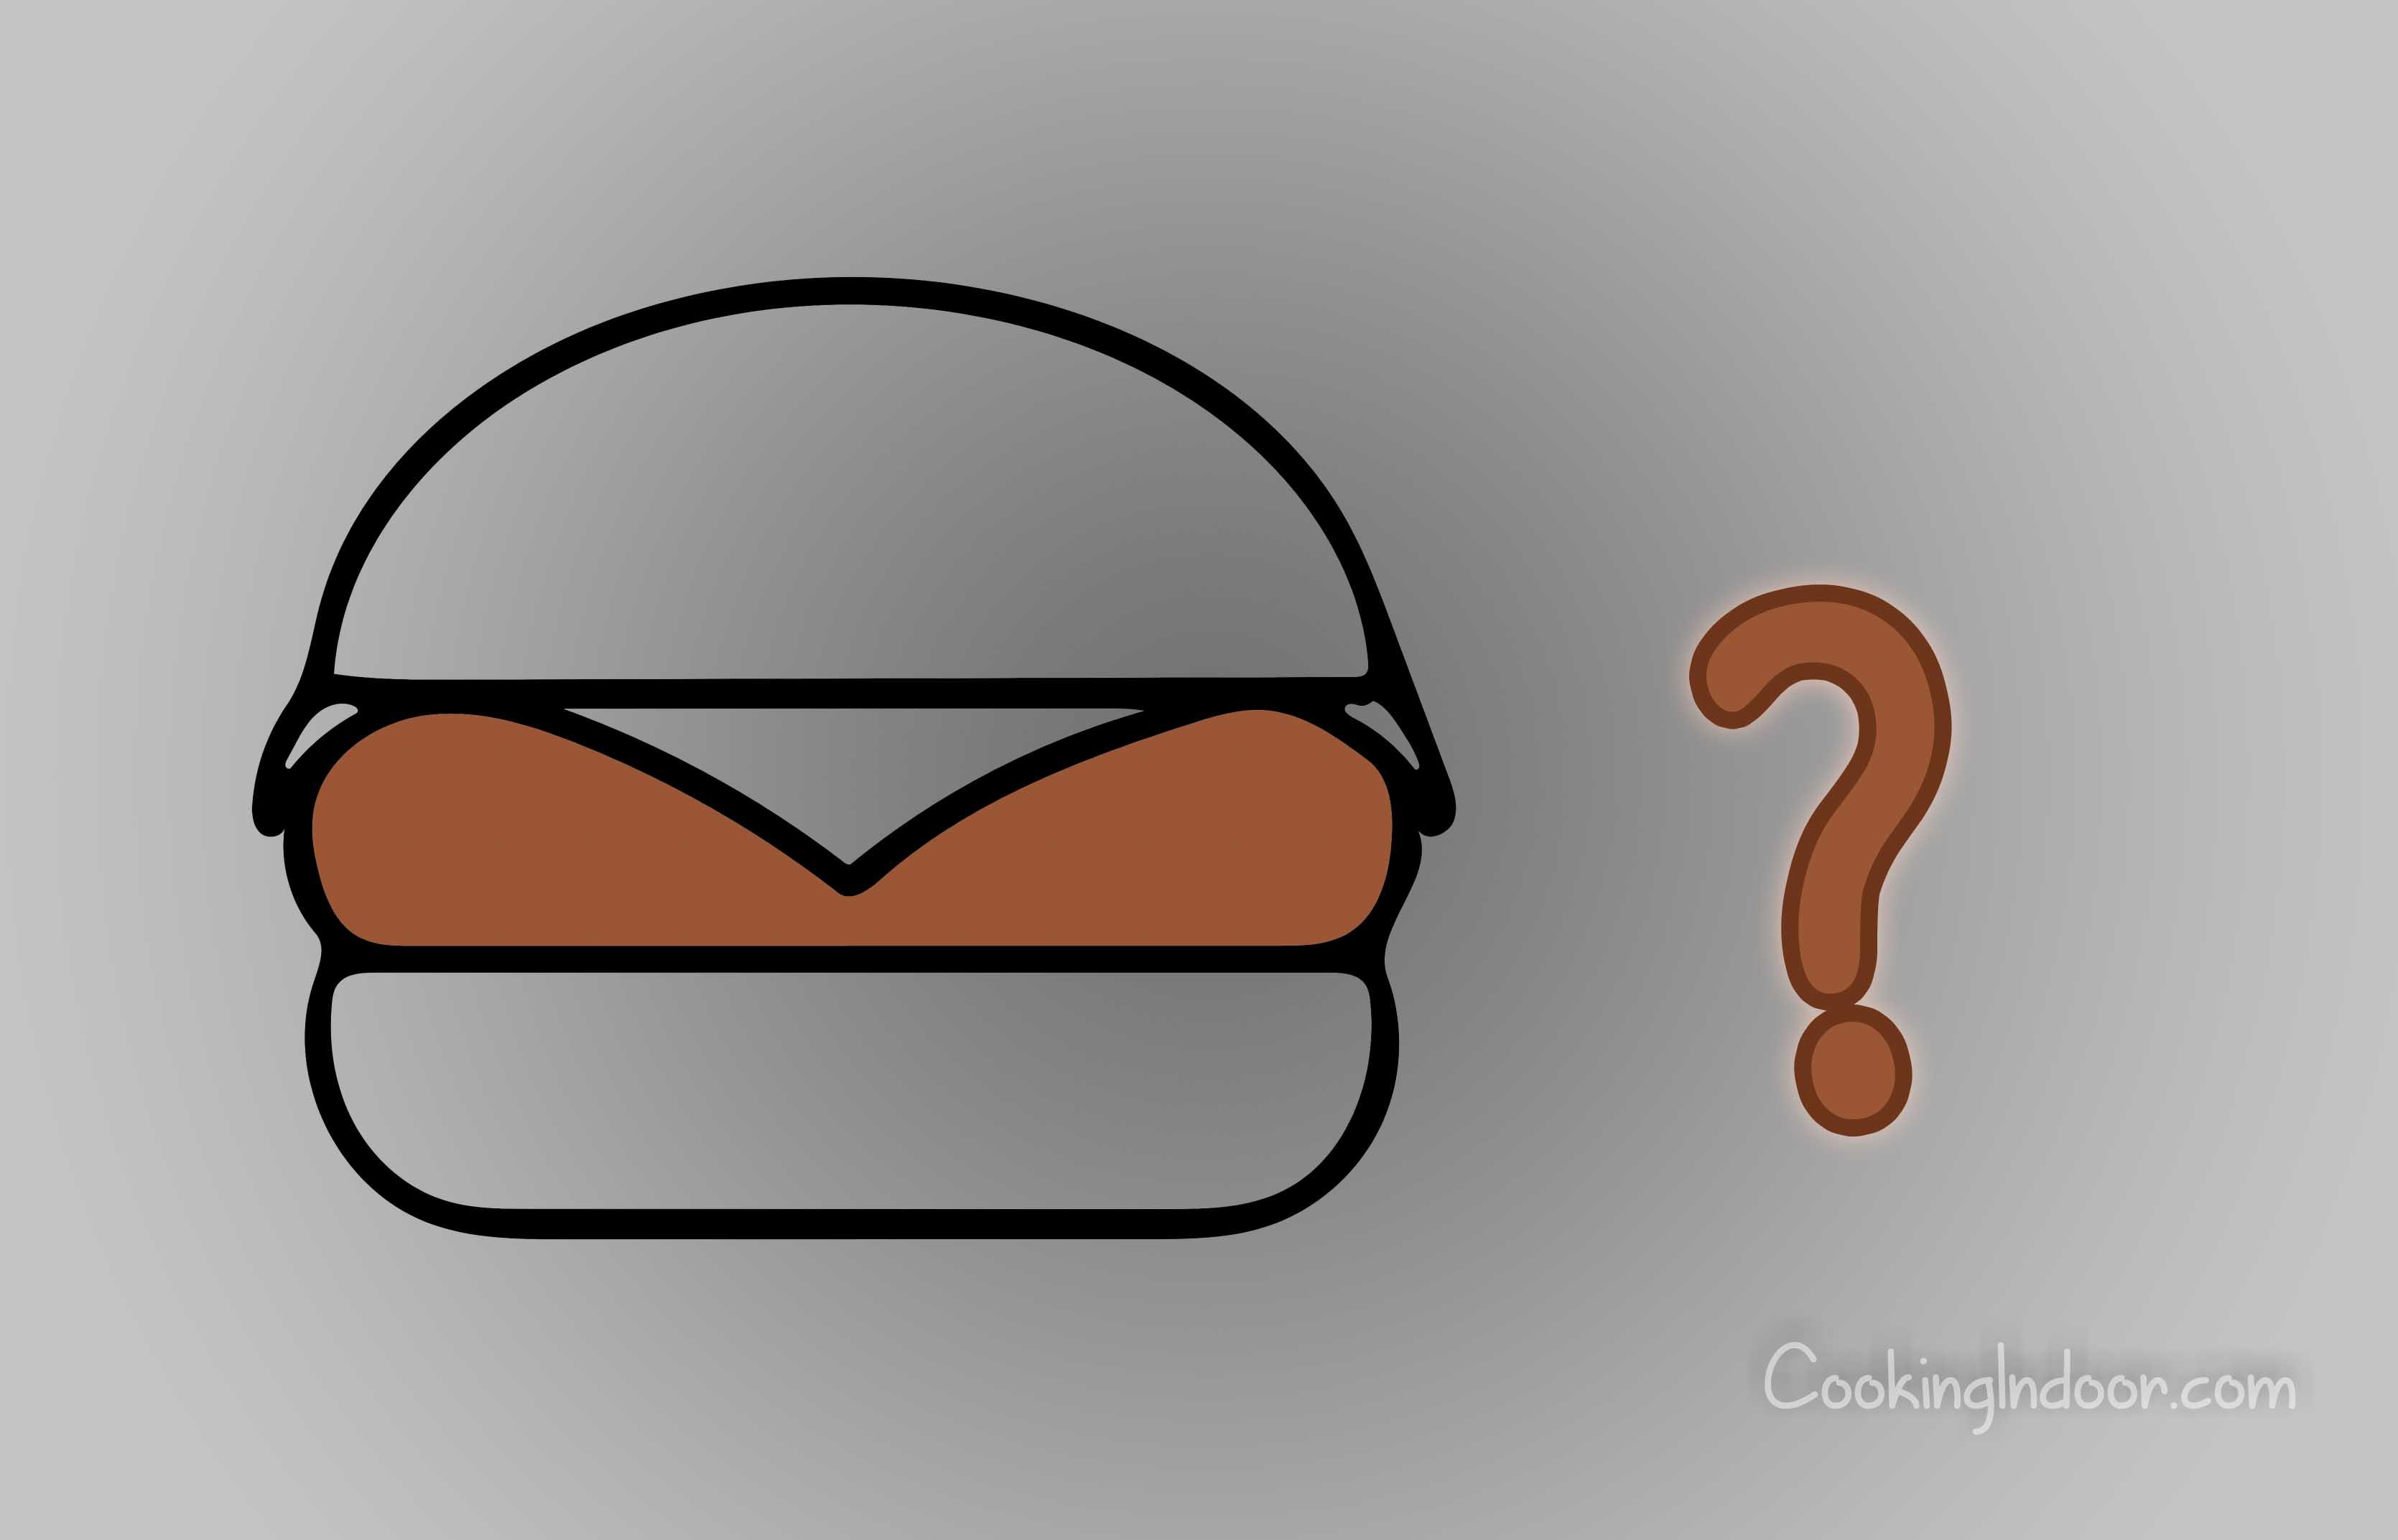 Burgers on panini press